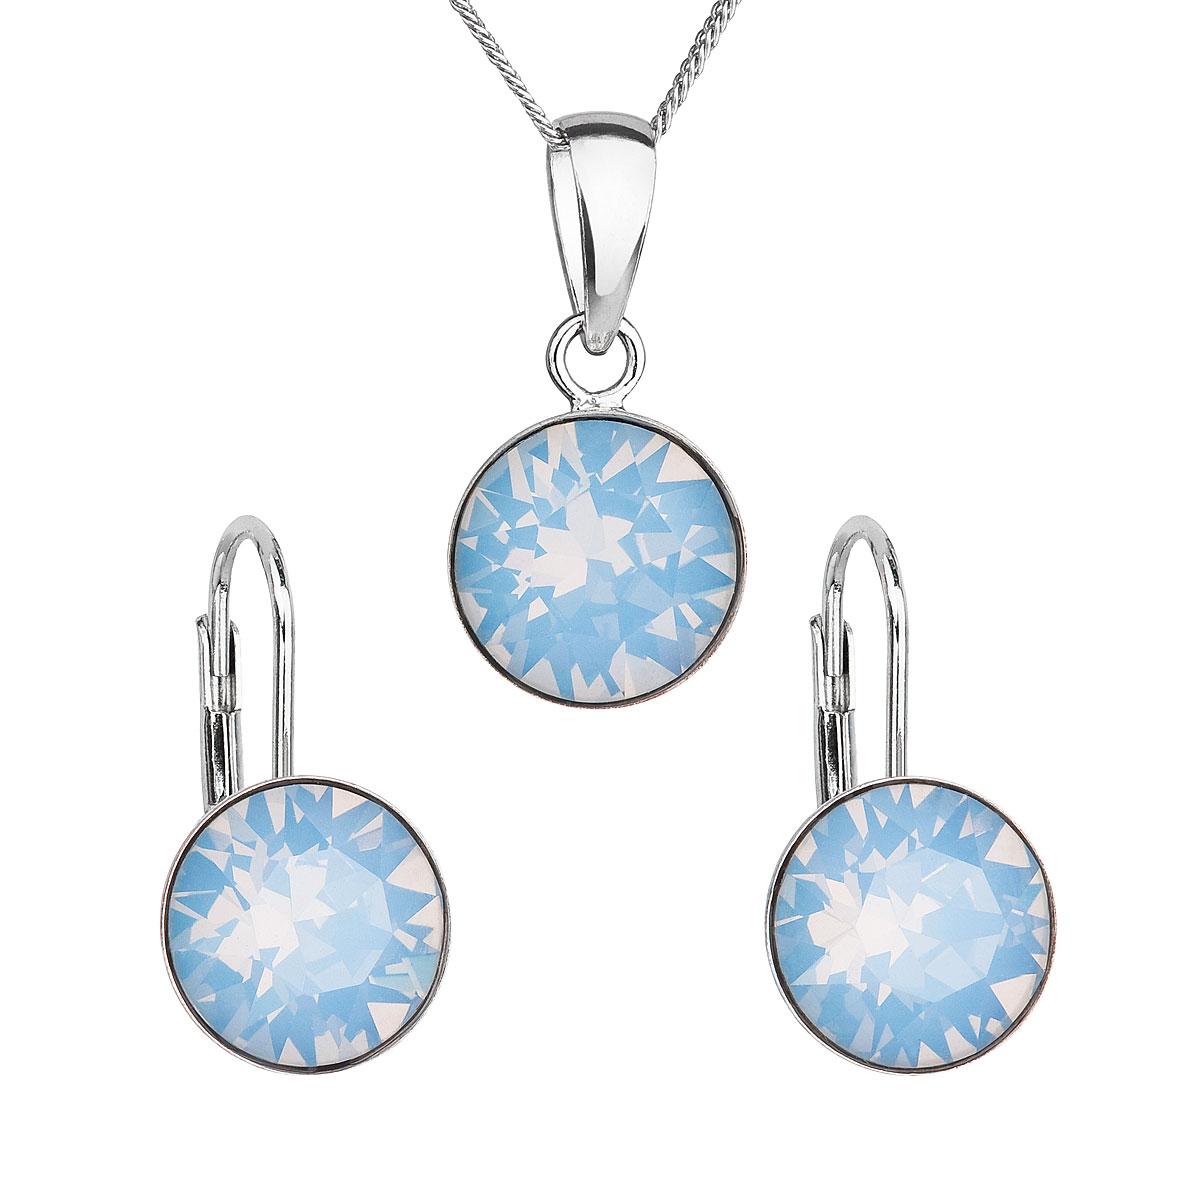 Sada šperků s krystaly Swarovski náušnice a přívěšek modré kulaté 39140.7 blue opál